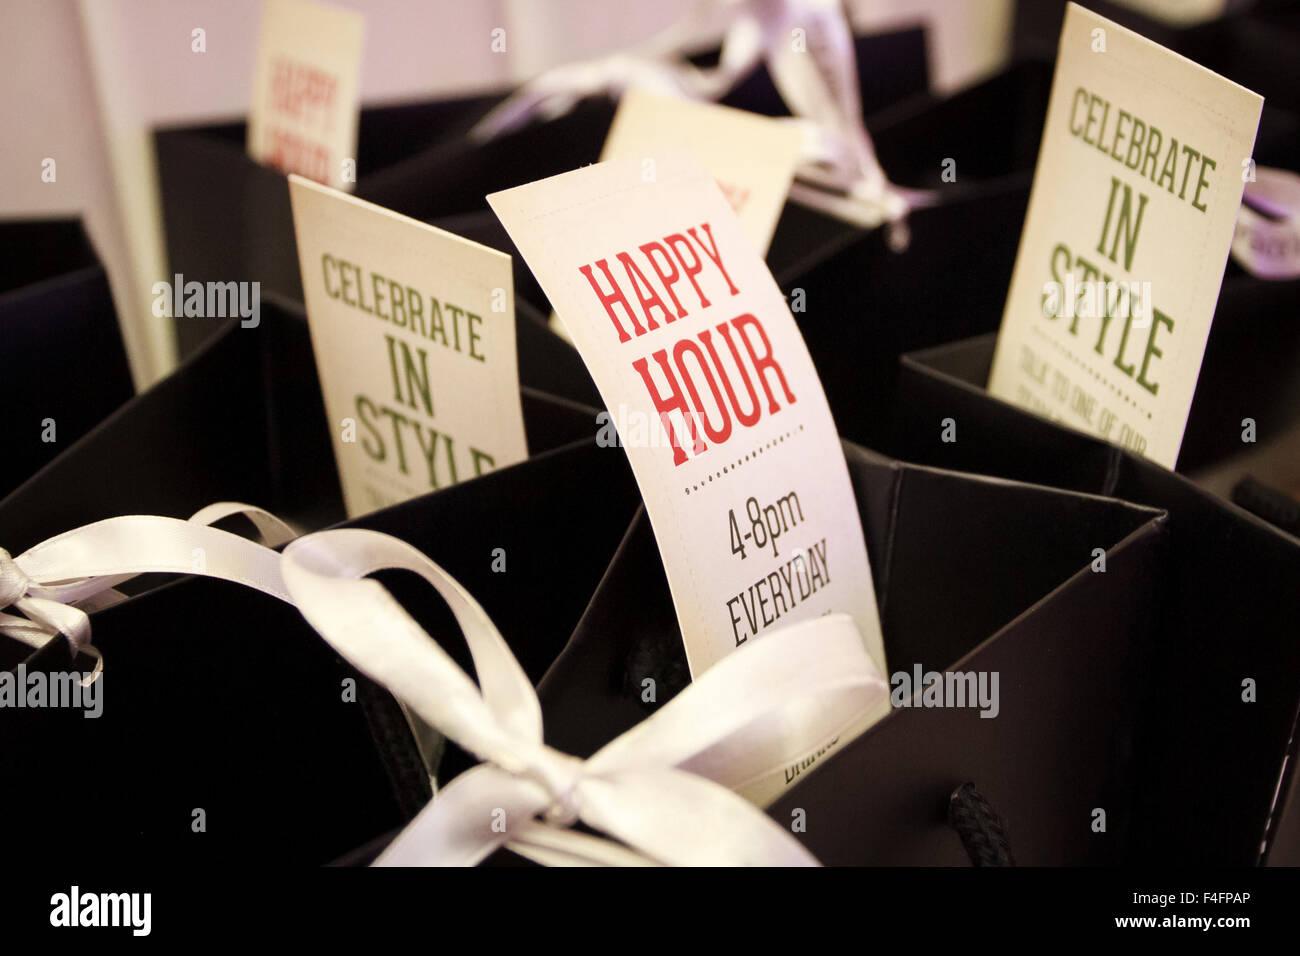 Sacchetto di caramelle di un Bar con happy hour e celebrare in grande stile segni spuntavano Immagini Stock